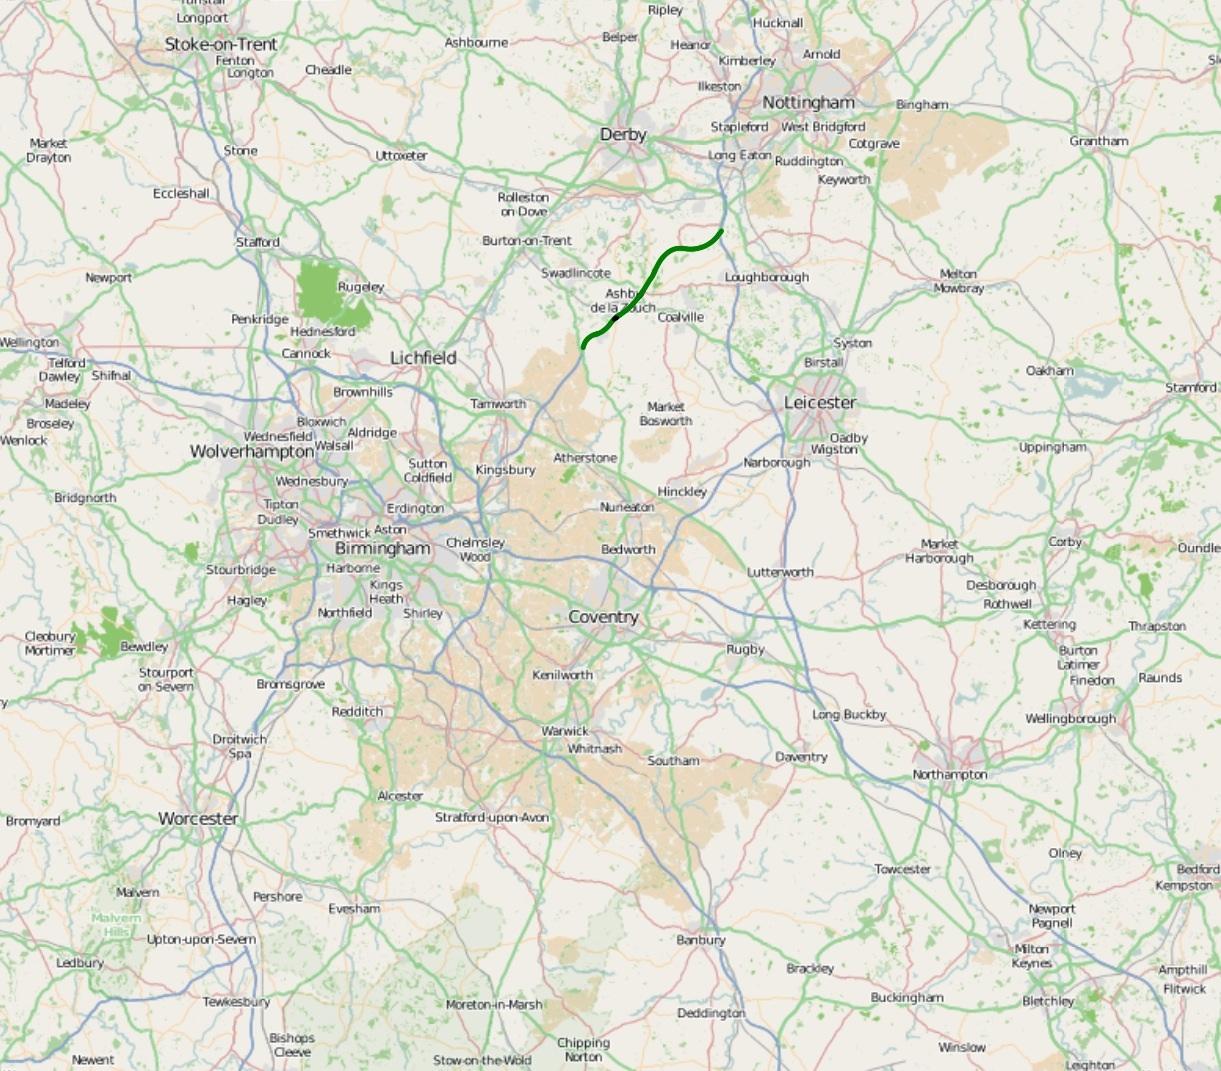 FileA42 road mapjpg  Wikimedia Commons